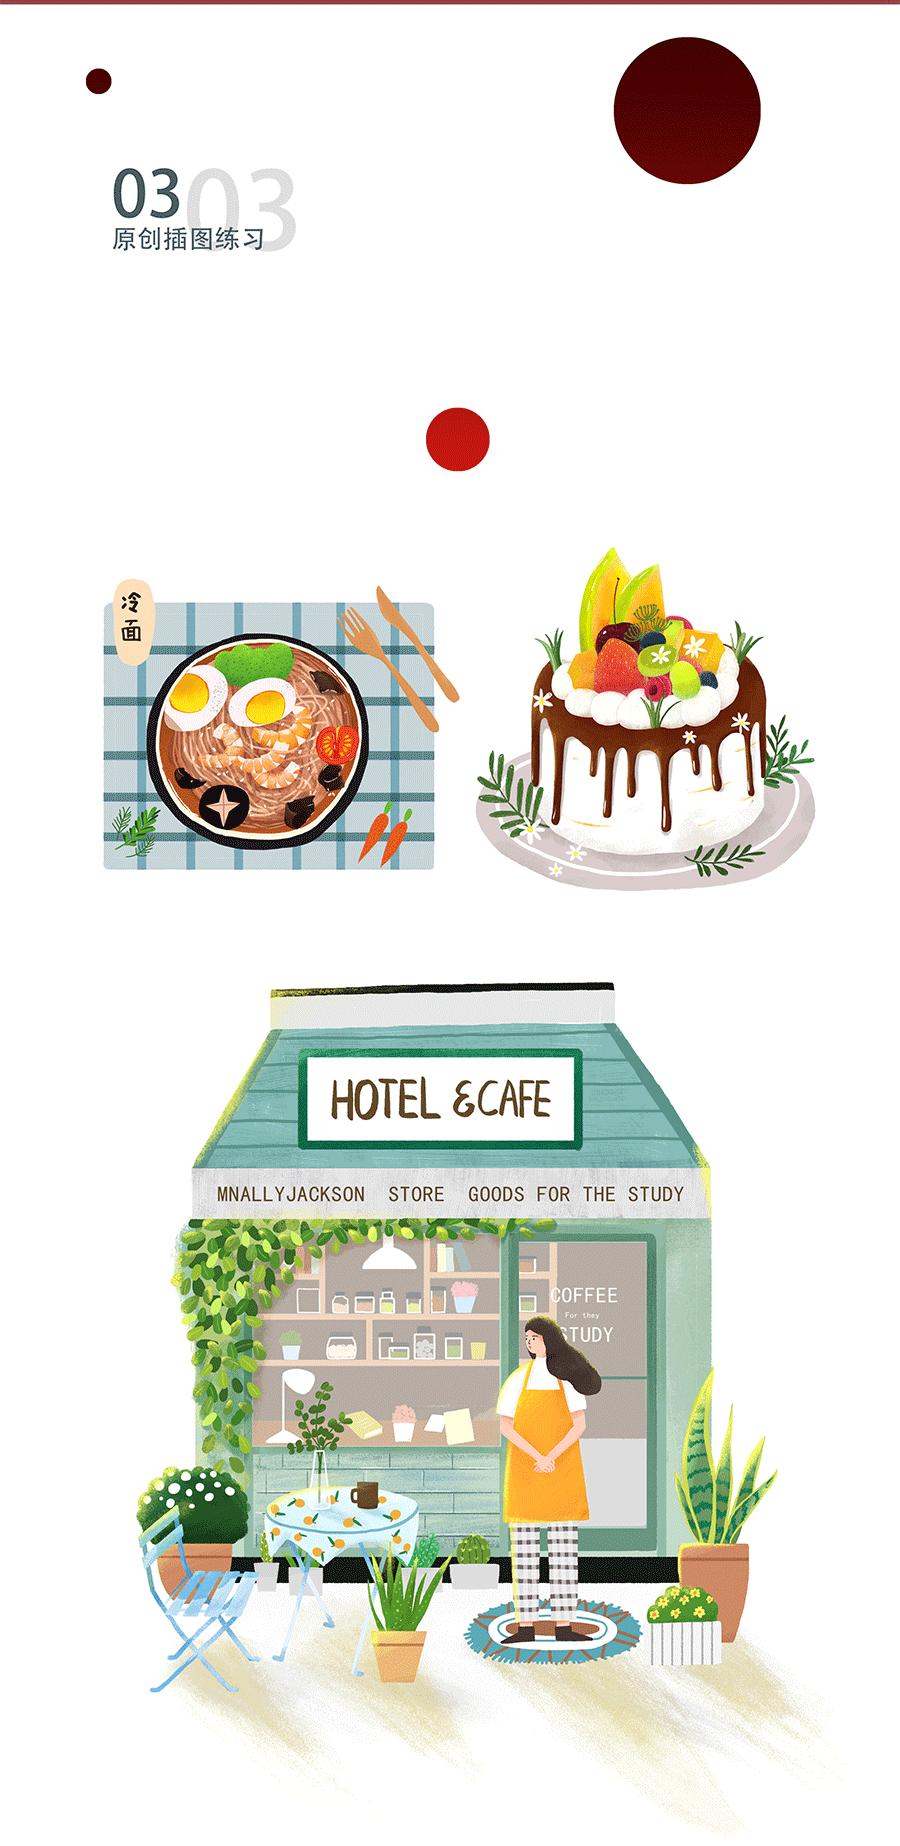 8张商业插画设计 飞特网 插画设计